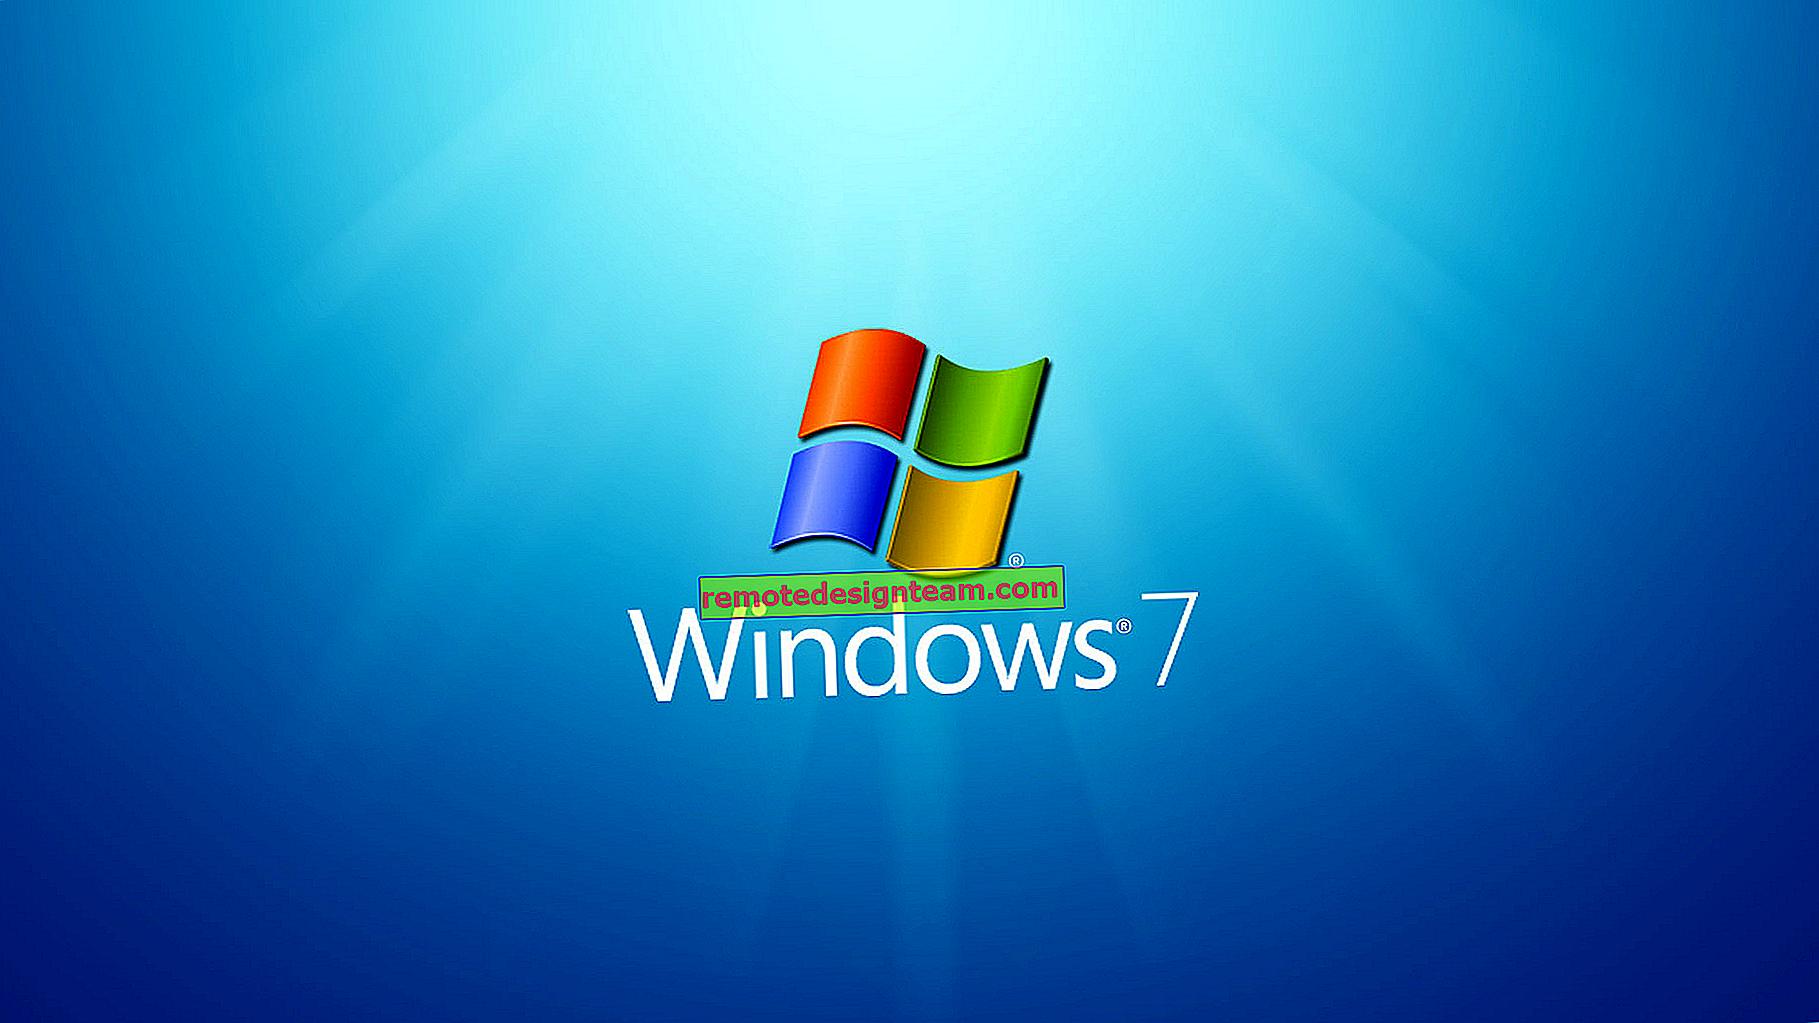 Jak włączyć Wi-Fi na laptopie z systemem Windows 7?